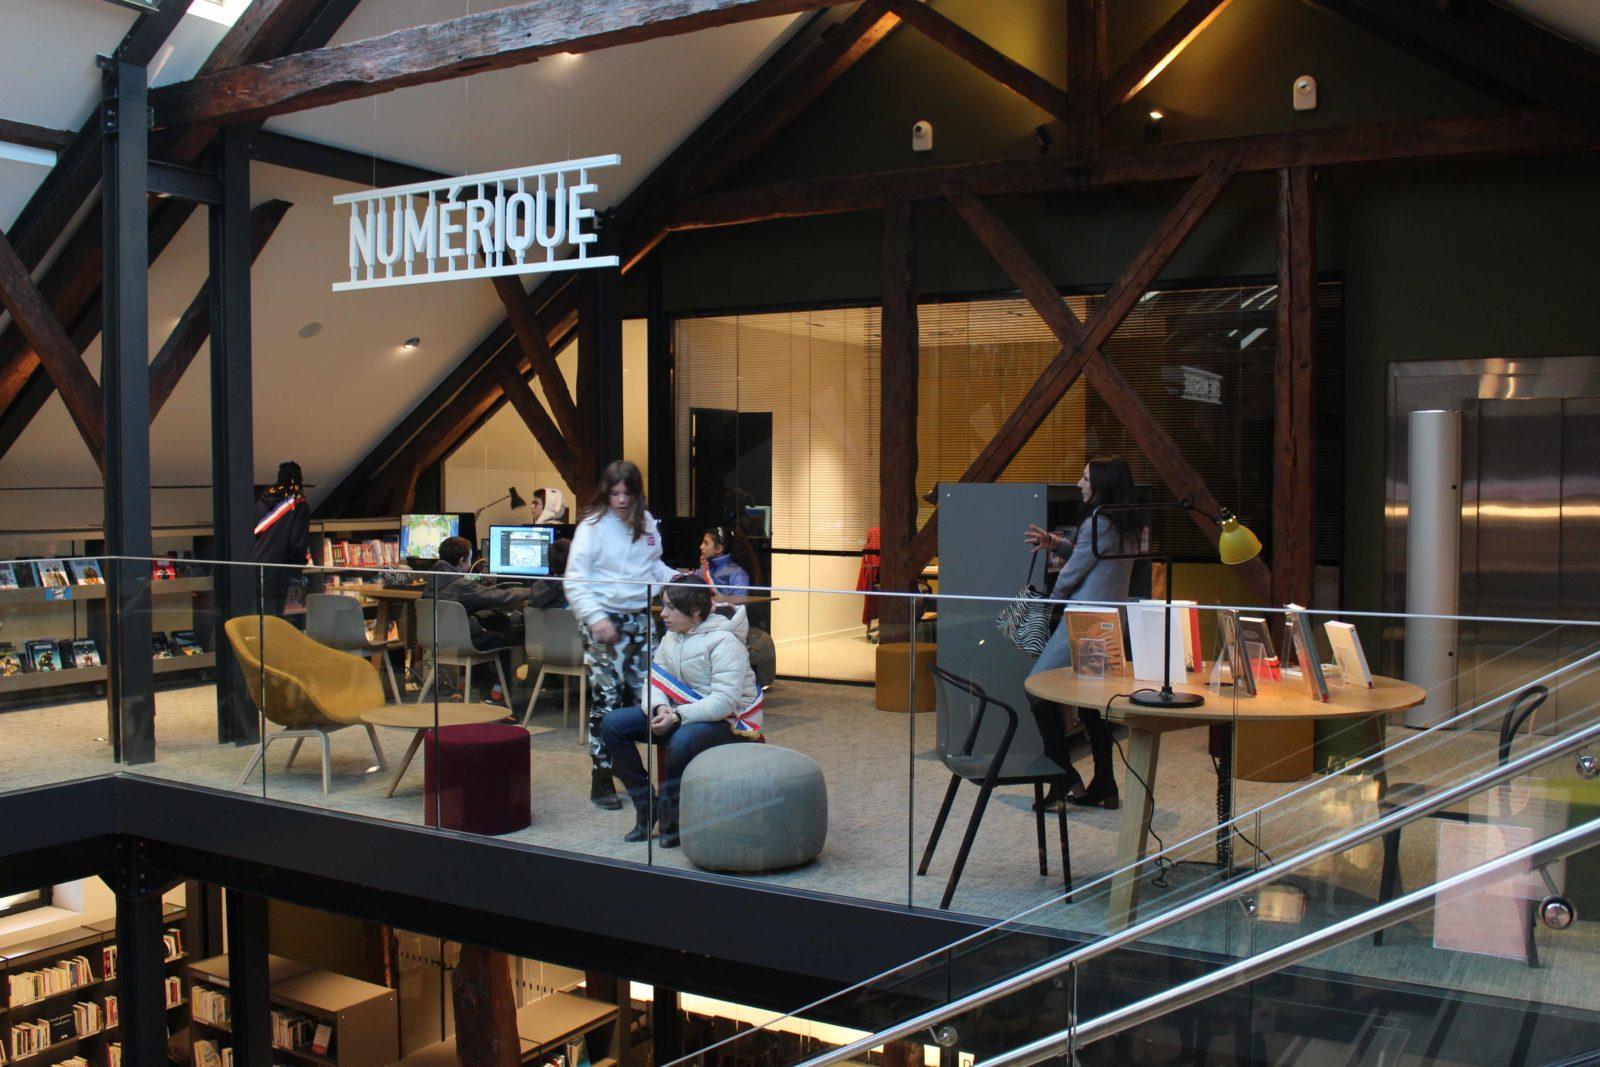 médiathèque de Ferney-Voltaire secteur numérique